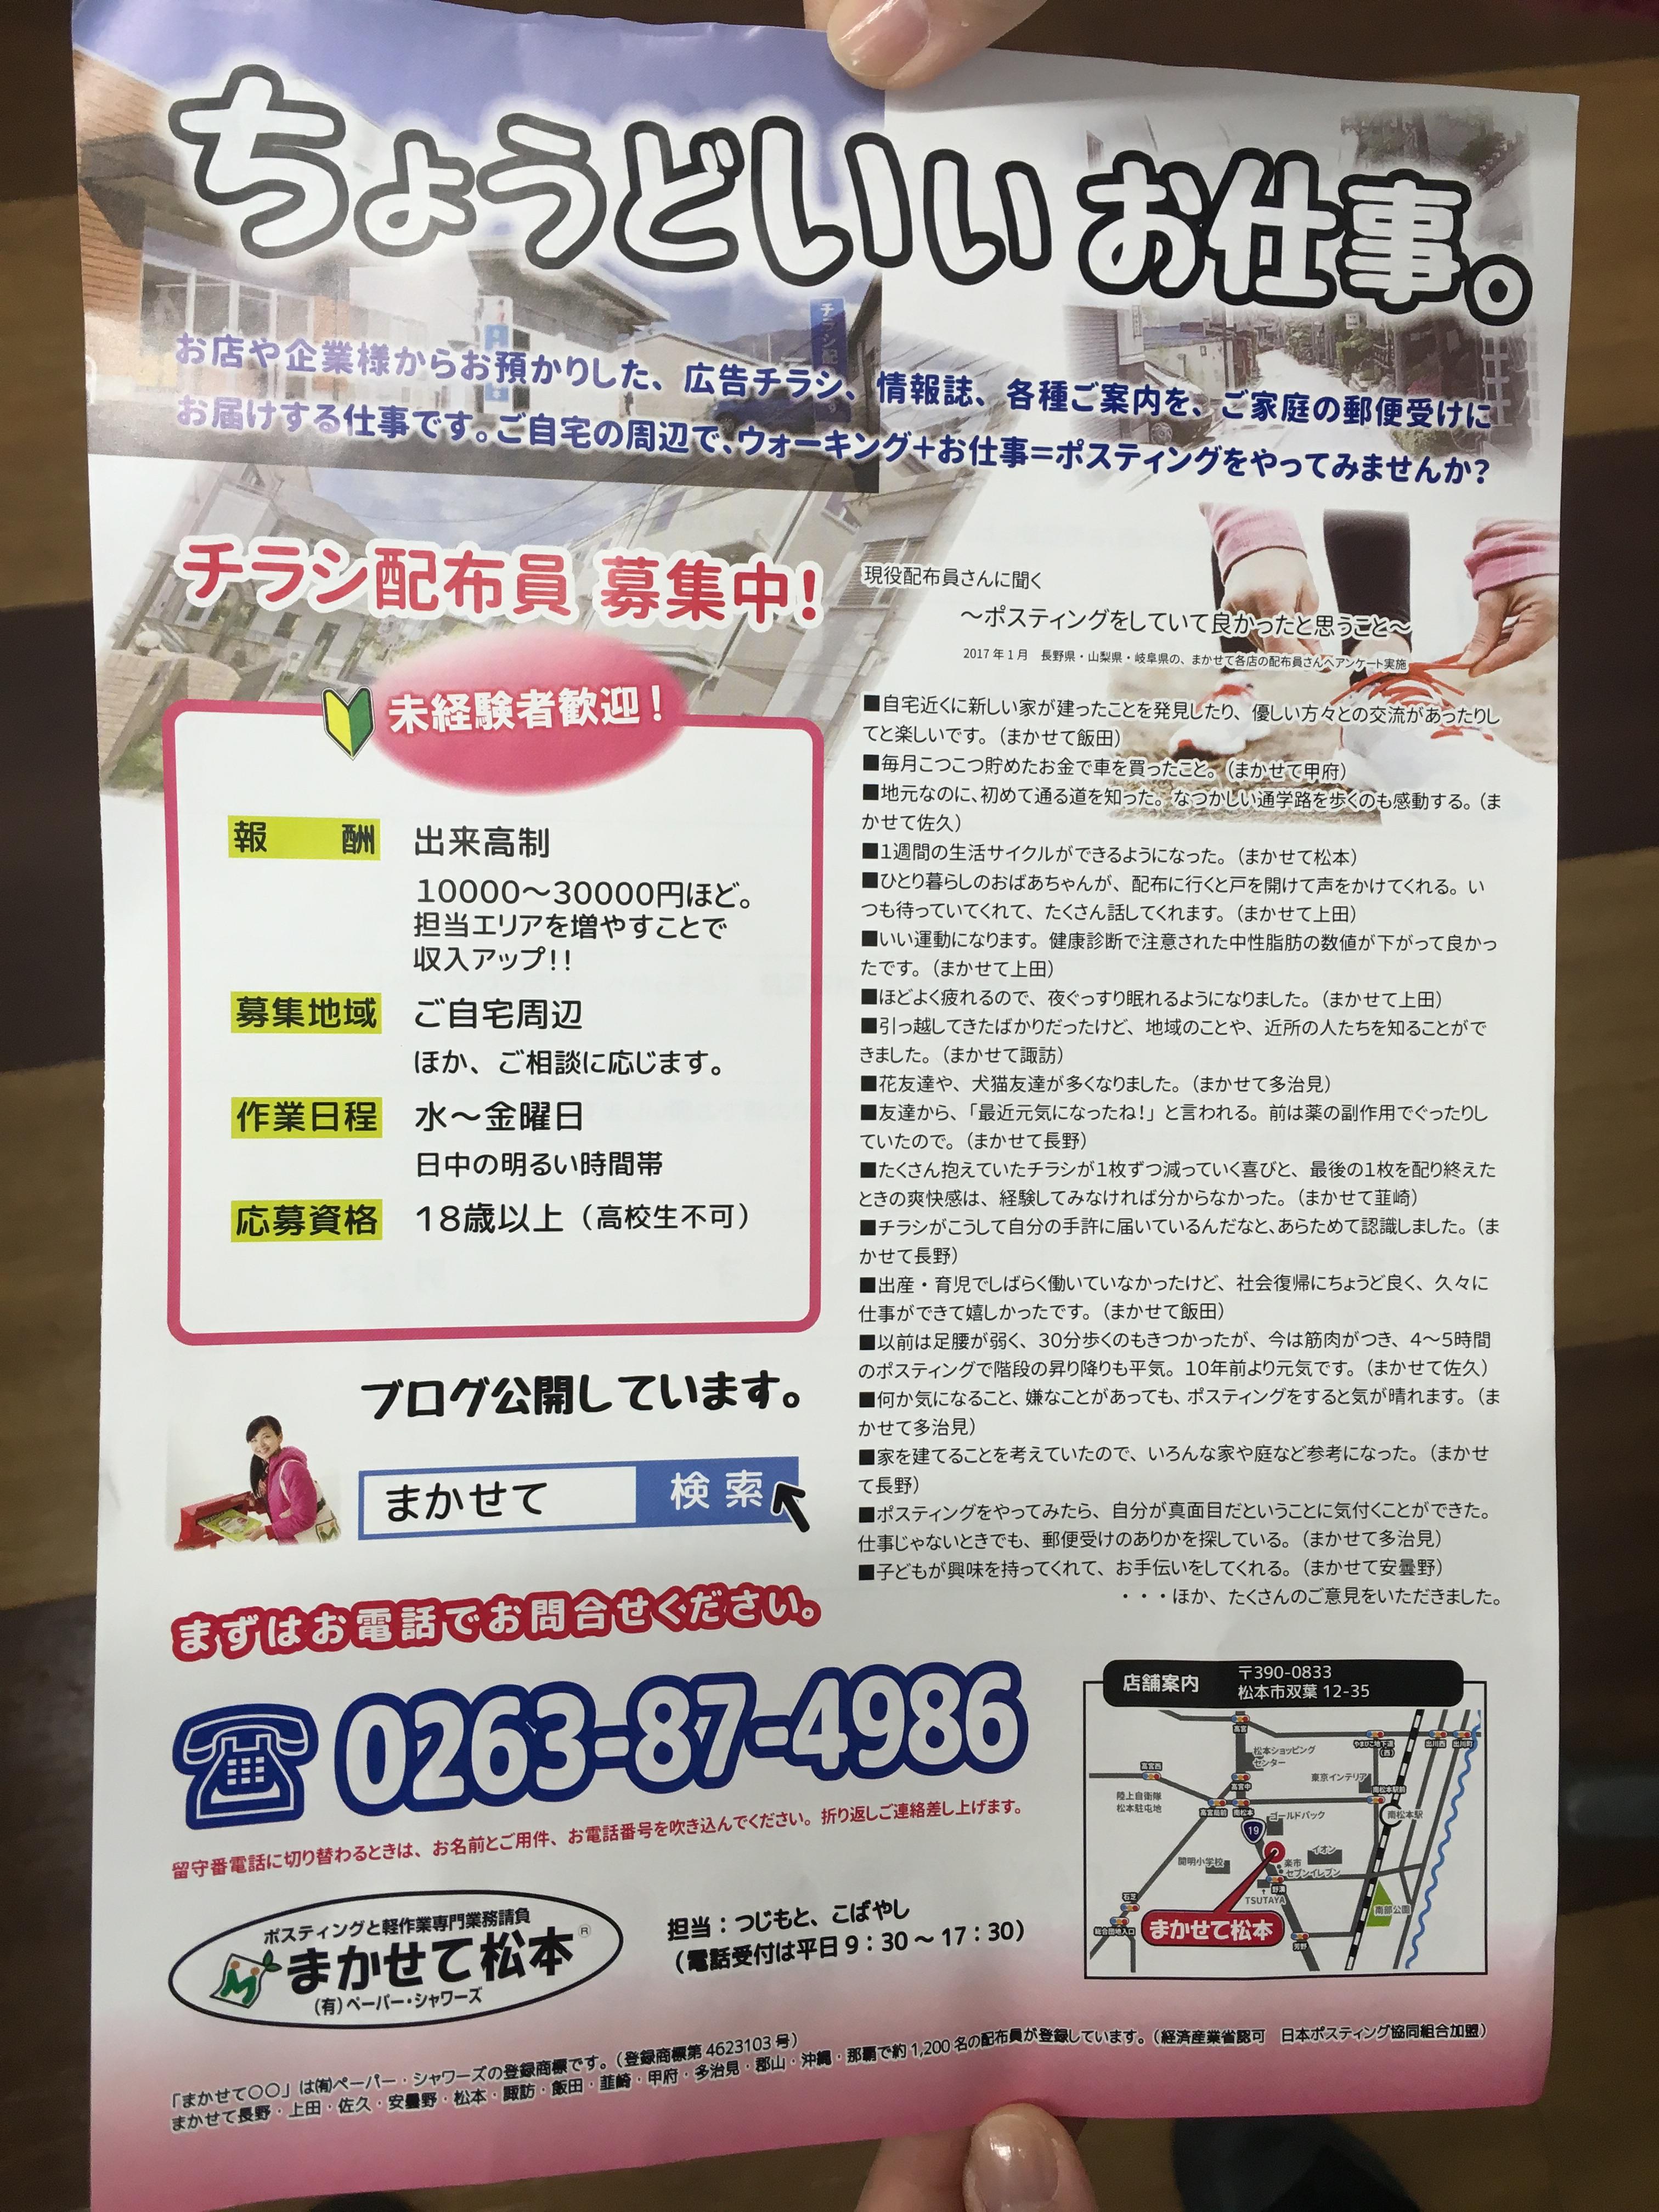 松本市・塩尻市 一挙大募集!!!